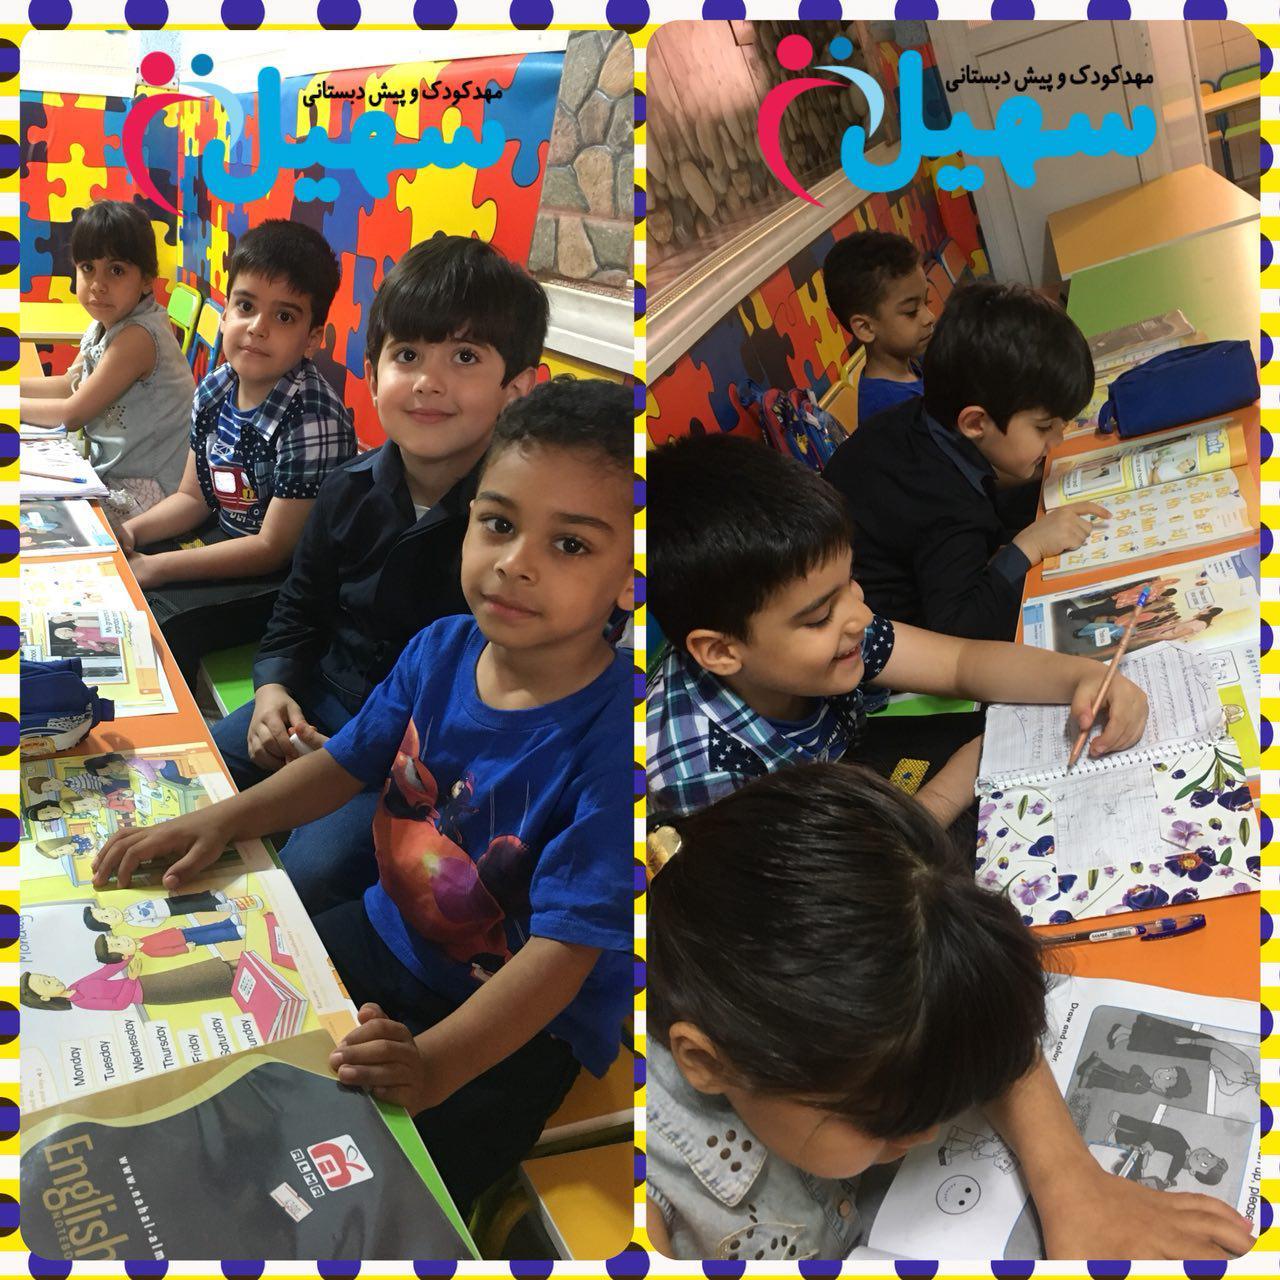 کلاس خصوصی زبان انگلیسی مهد کودک سهیل